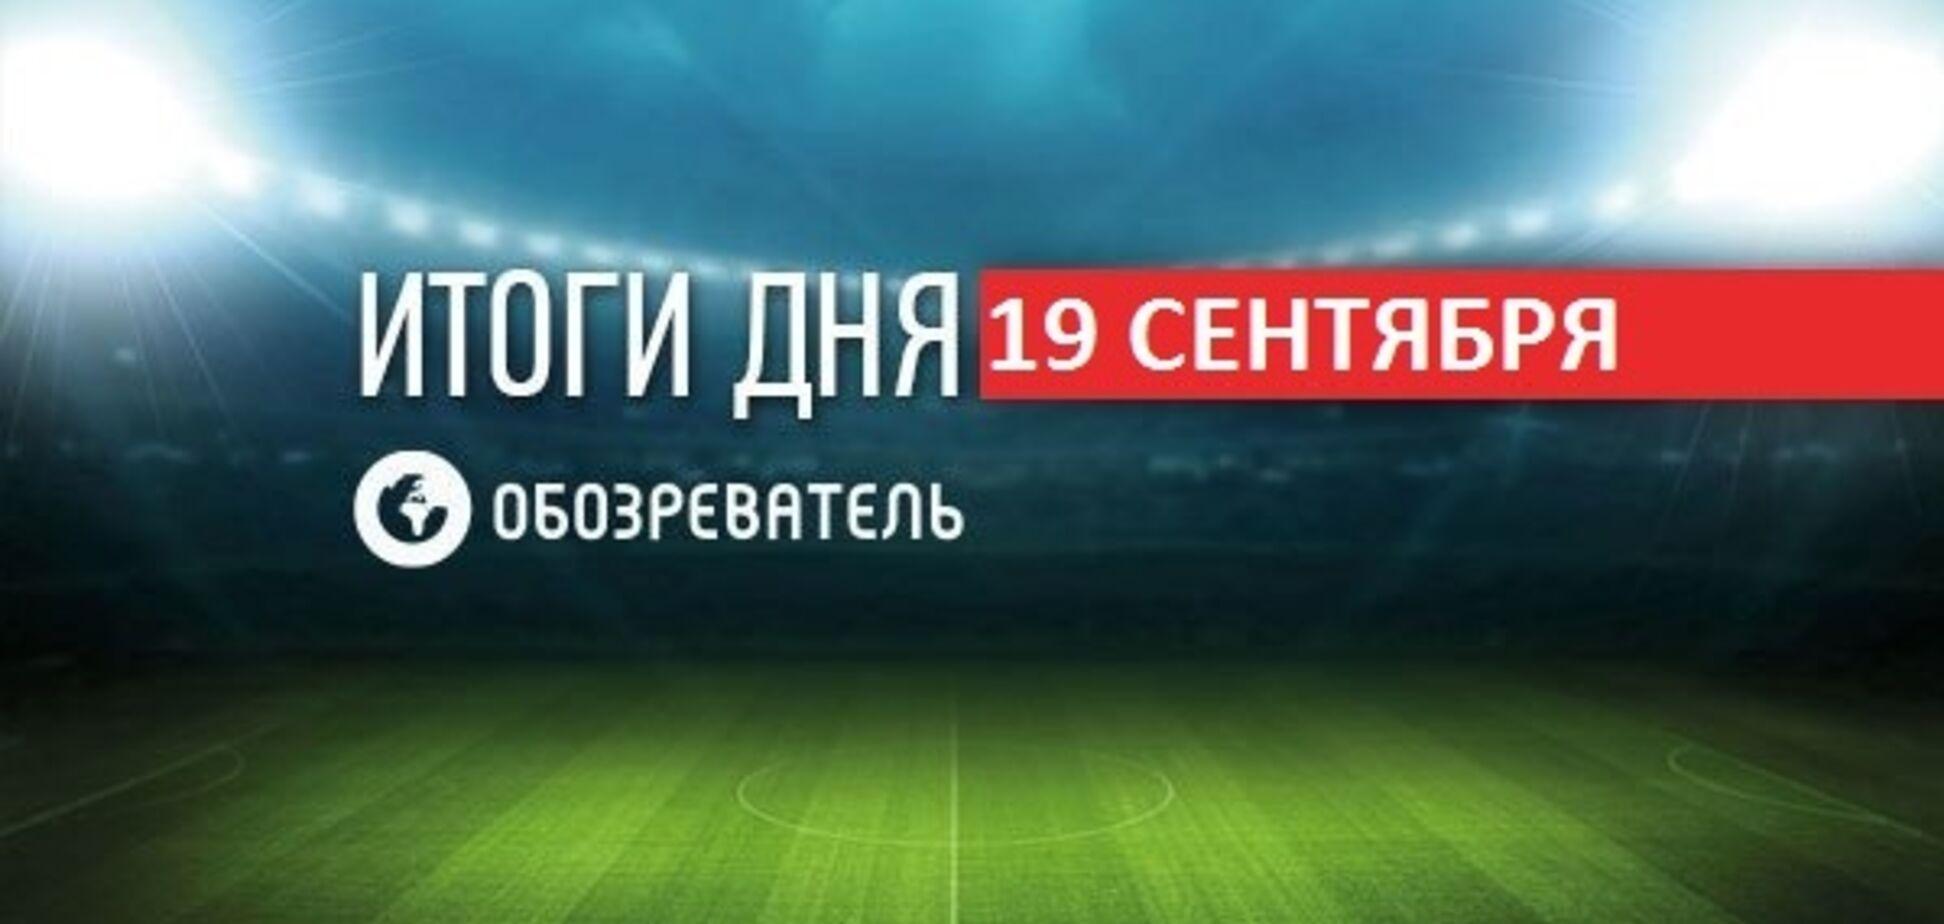 'Динамо' добыло победу в ЛЕ, доведя до слез Михайличенко: спортивные итоги 19 сентября